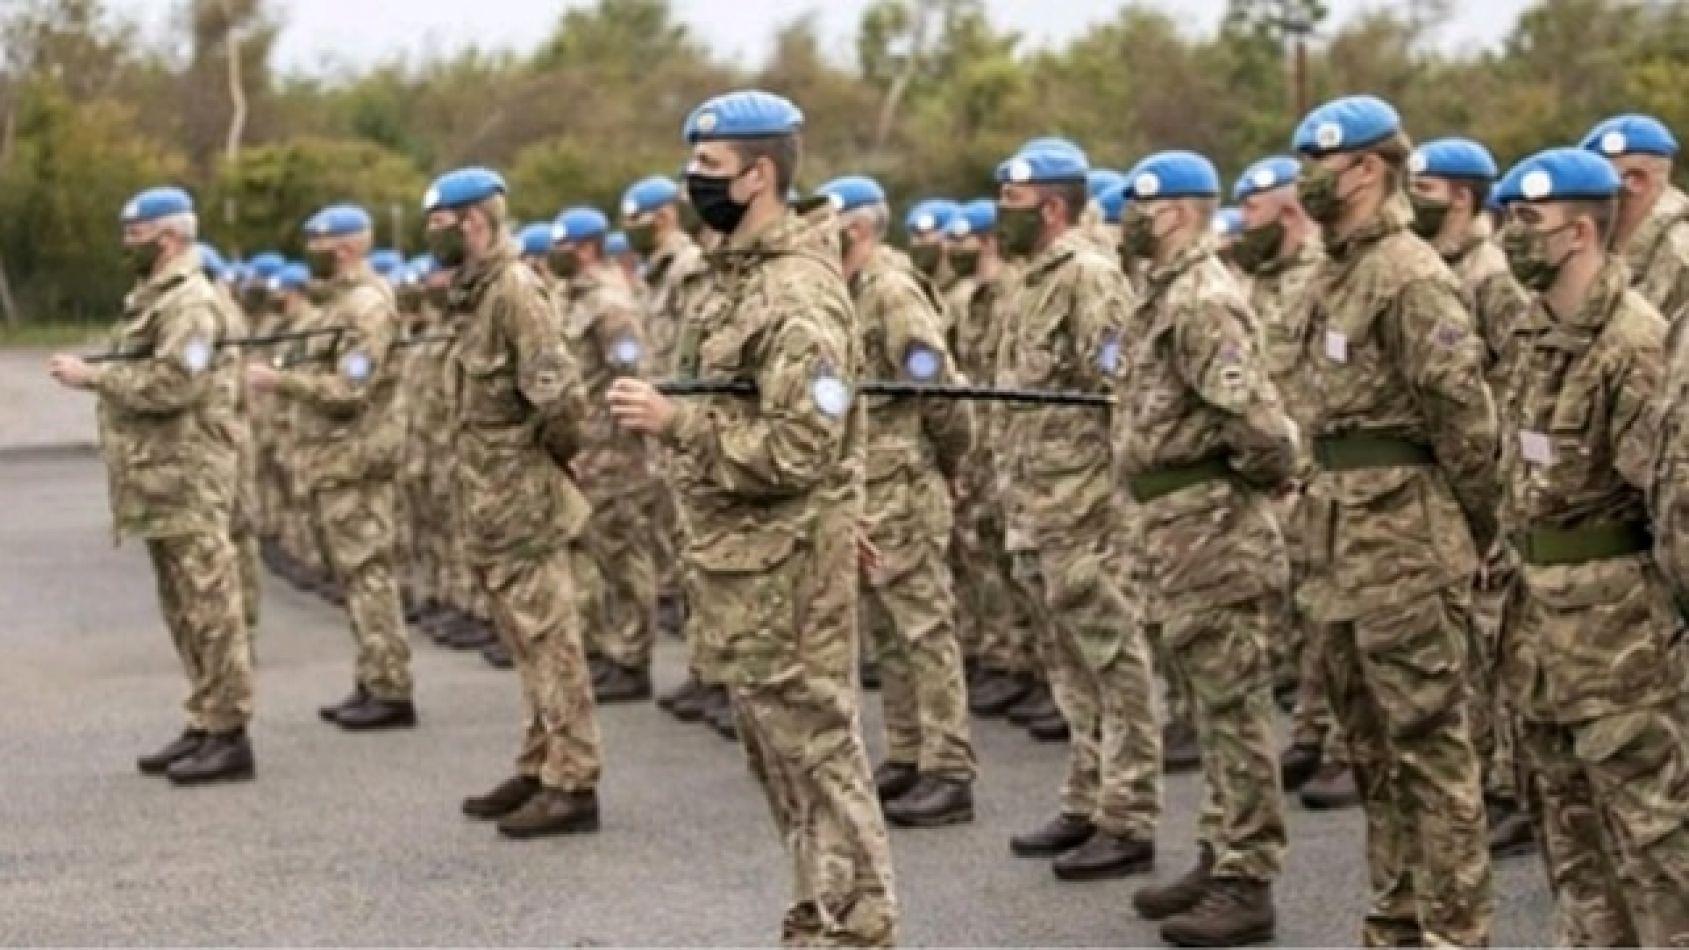 Soldados de Irlanda del Norte serán desplegados en las Islas Malvinas